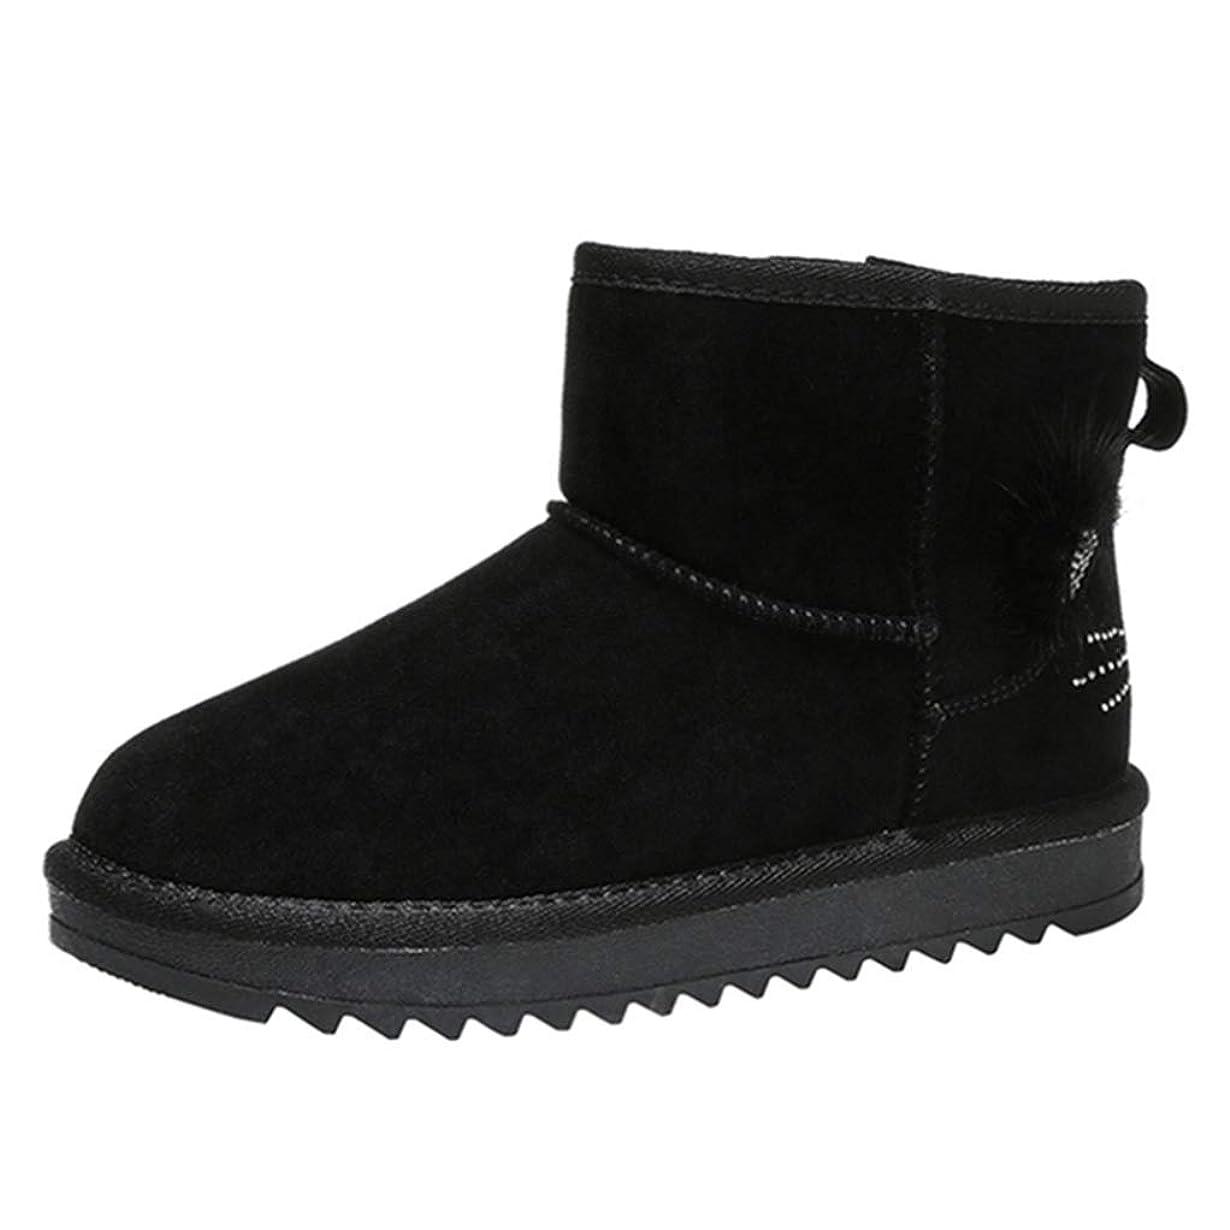 自体集める程度可愛い スノーブーツ レディース 毛皮ブーツ 歩きやすい もこもこ 裏ボア 雪靴 防寒 防滑 ウィンターブーツ 暖かい アウトドアシューズ ショットブーツ ムートンブーツ 保温 軽量 厚底 フラット 滑り止め 短靴